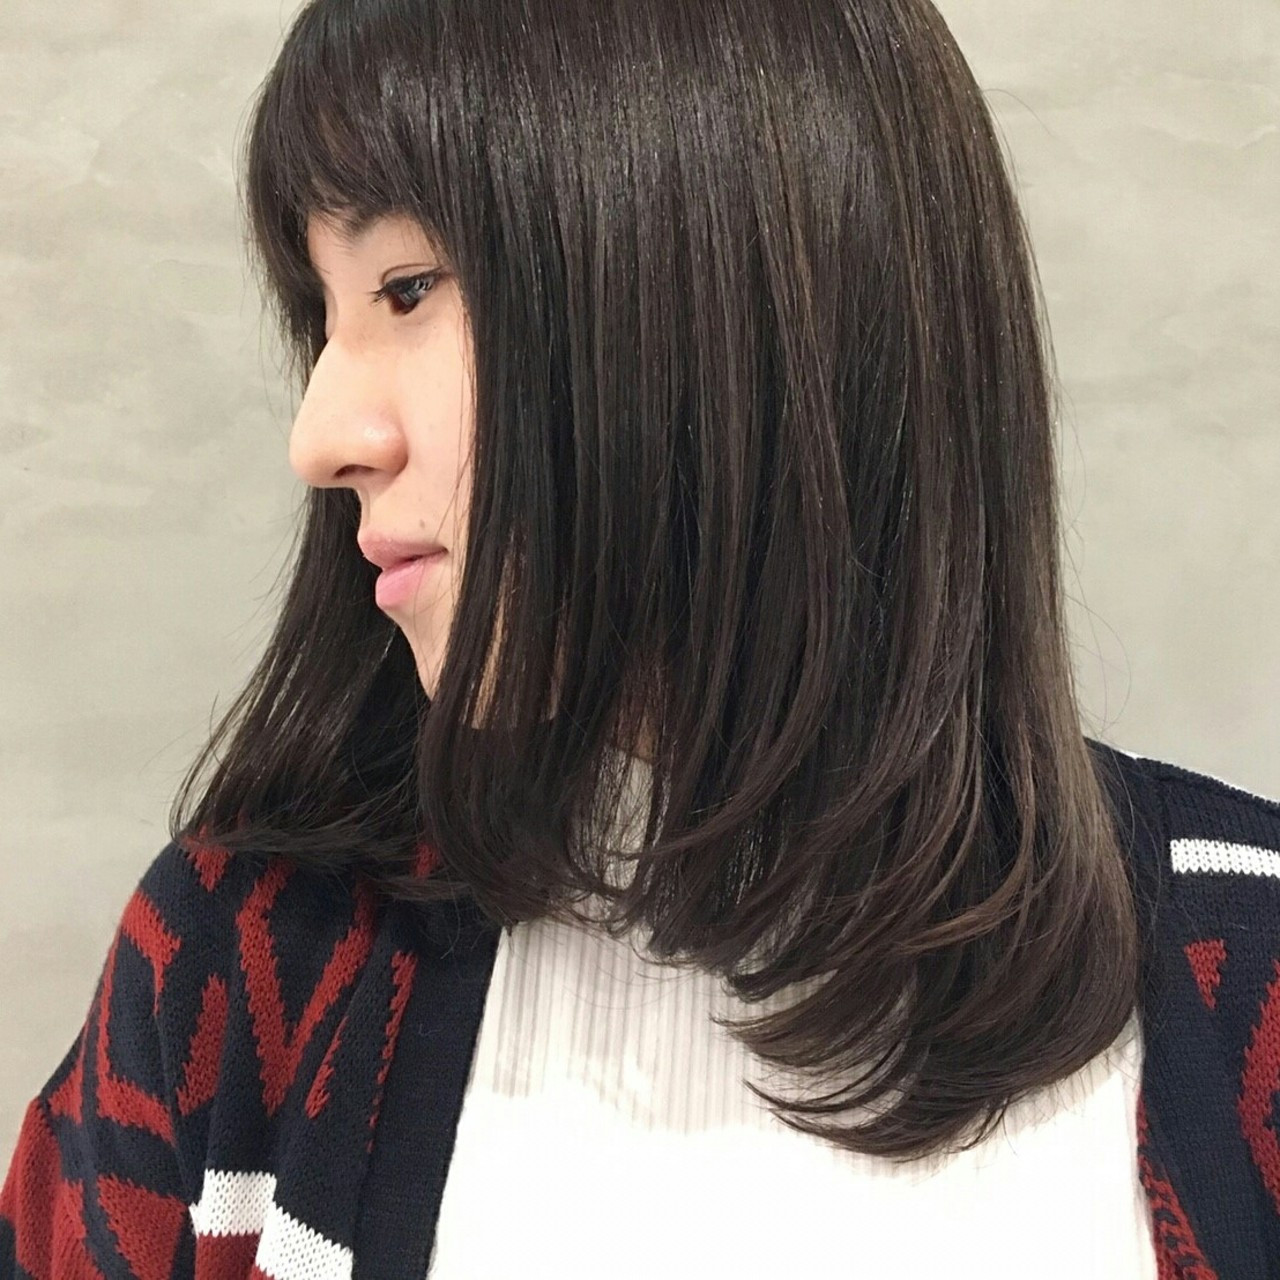 ワンレンミディアムは黒髪が清楚でモテ度高め! 阿藤俊也 | PEEK-A-BOO NEWoMan新宿